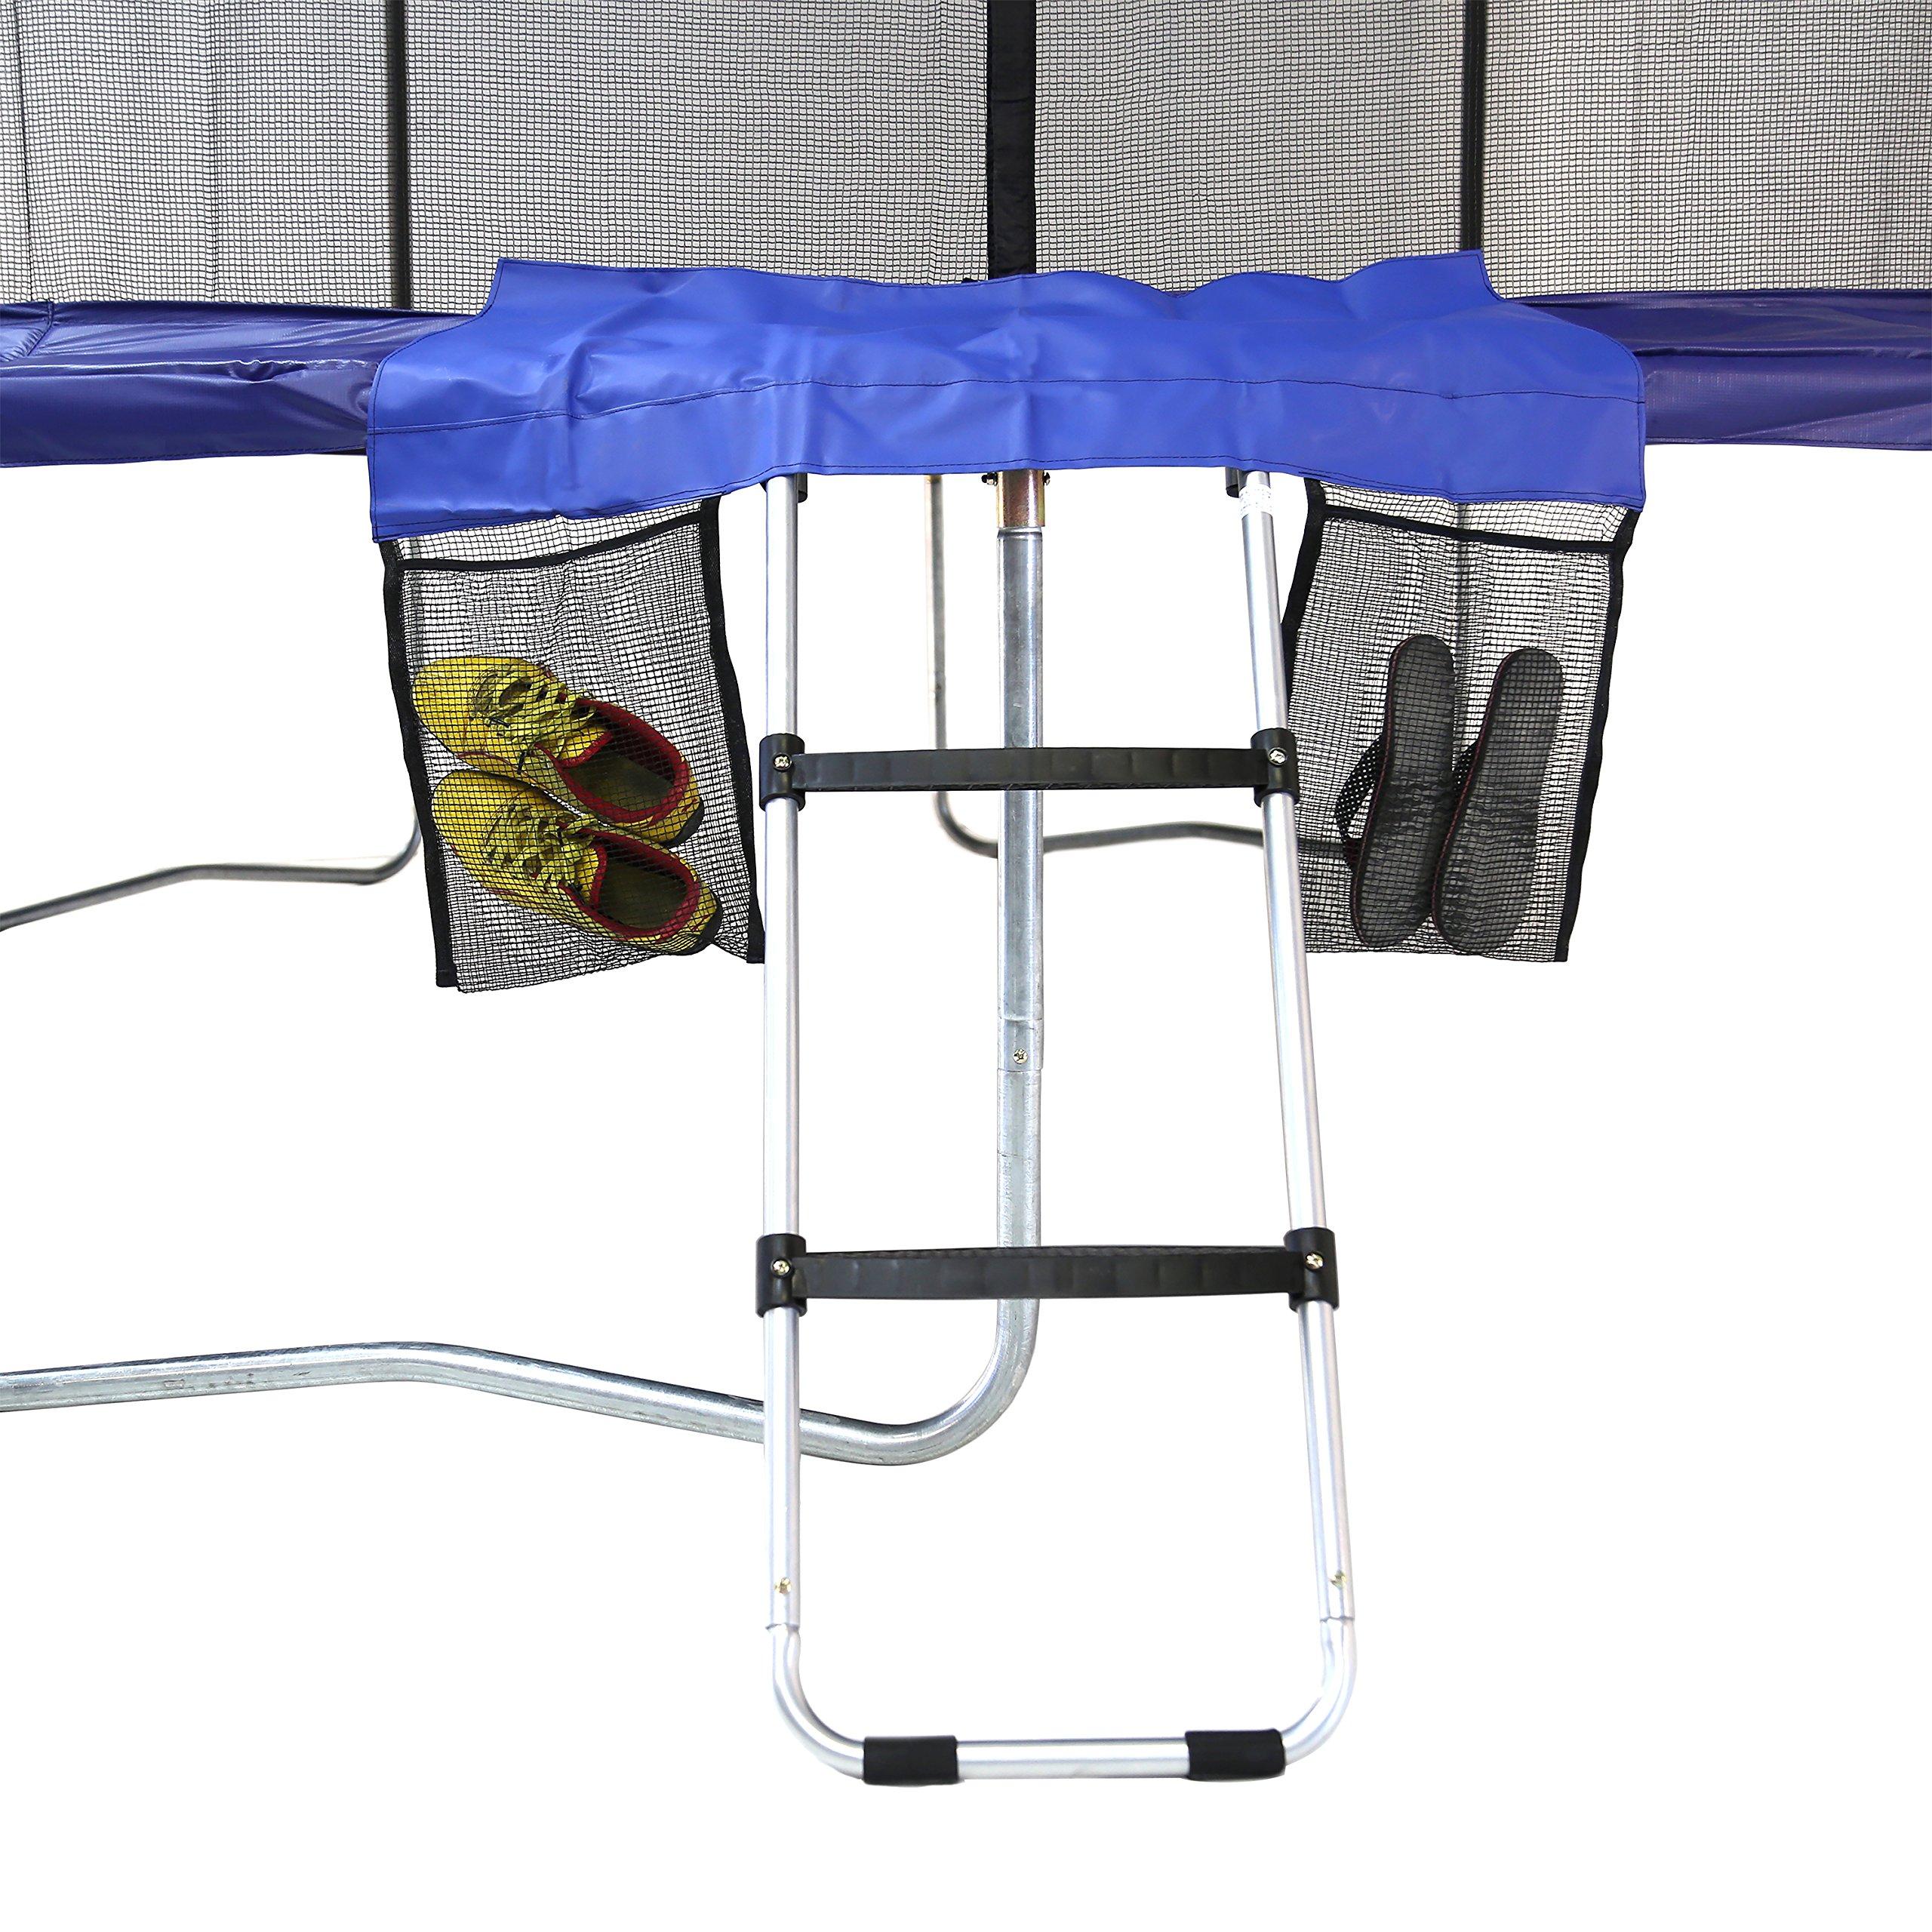 Skywalker Trampolines Wide-Step Ladder Accessory Kit by Skywalker Trampolines